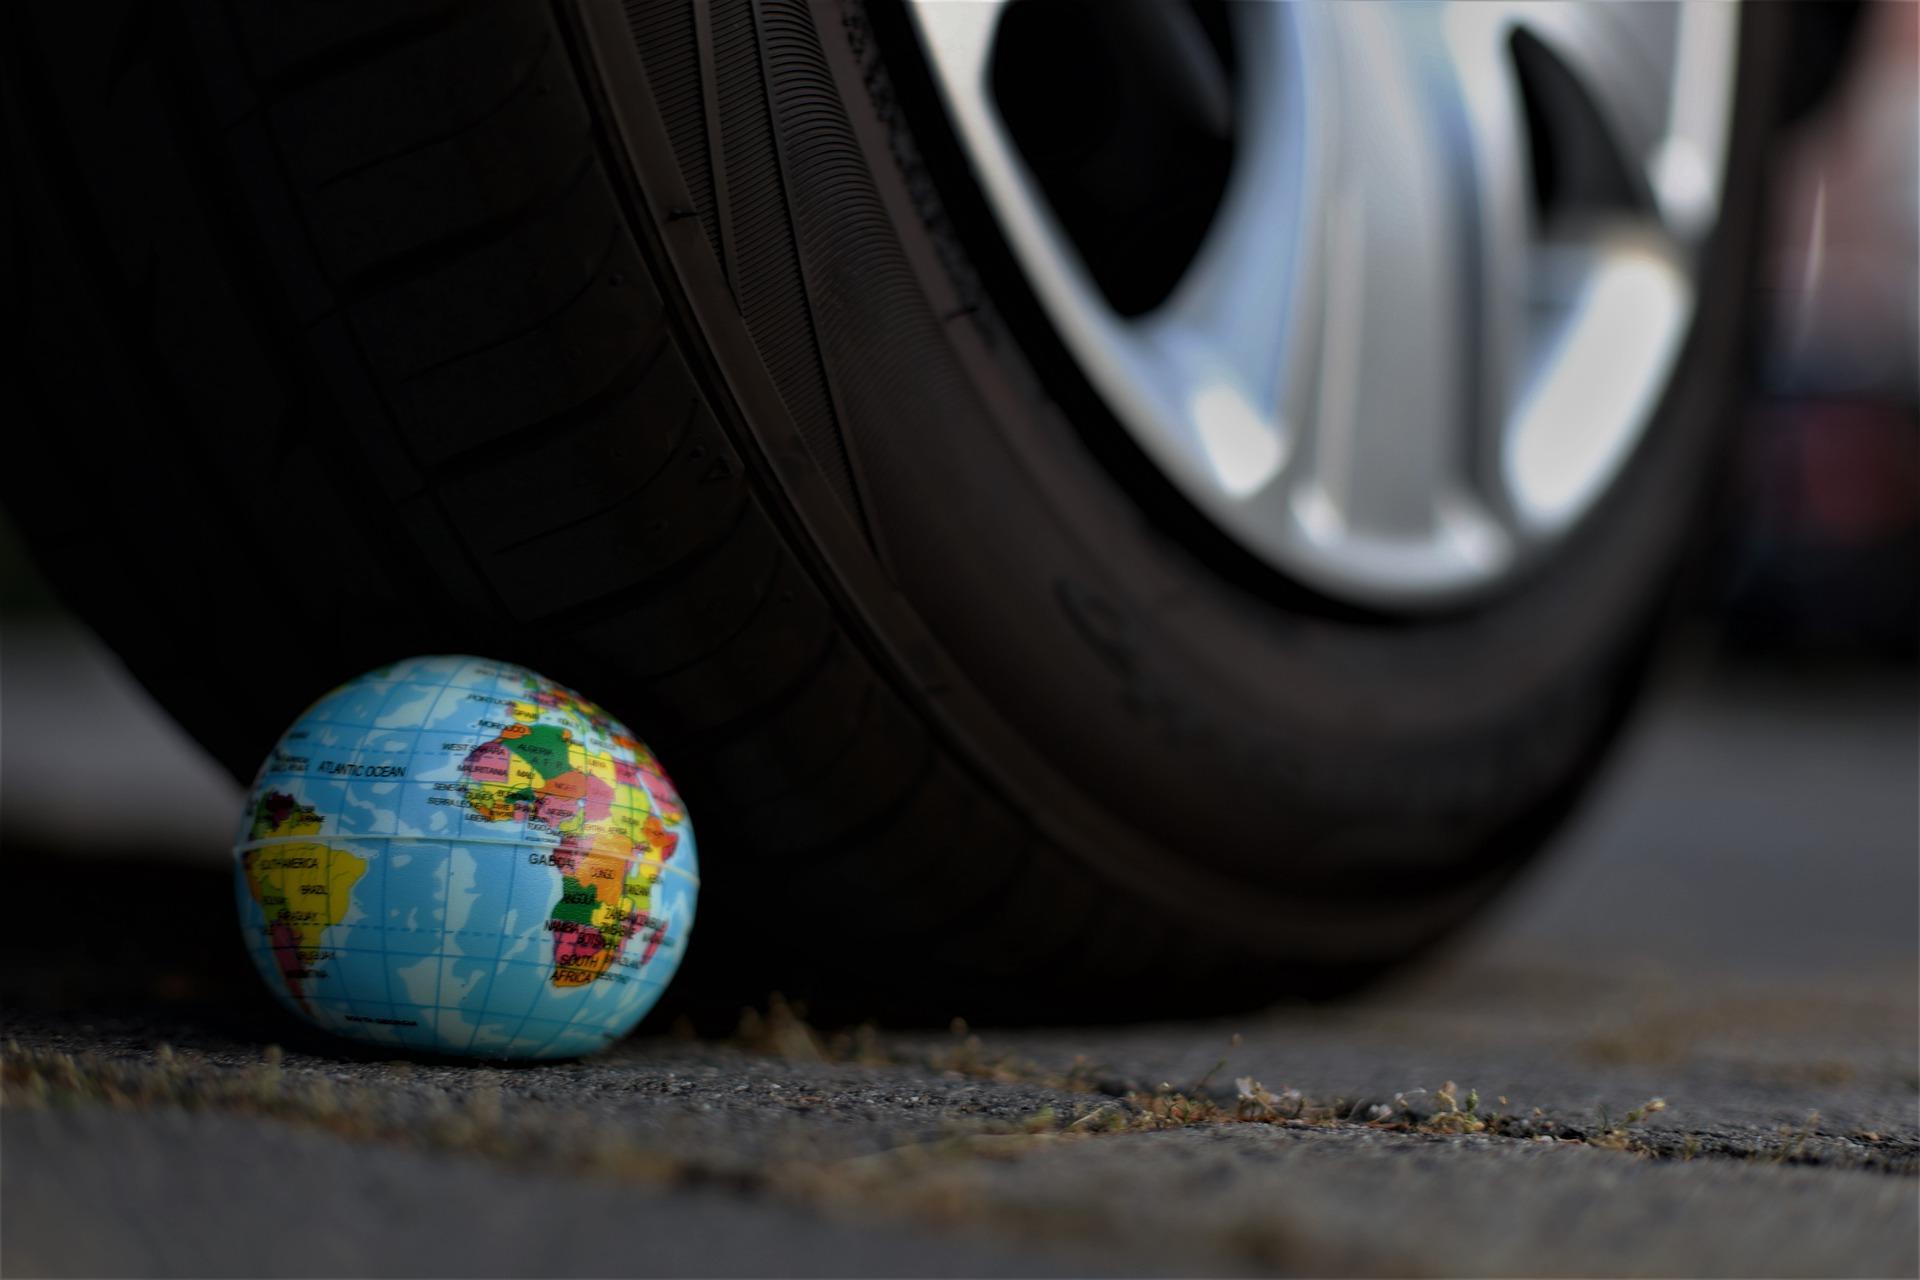 Потребление богатых способствует загрязнению планеты